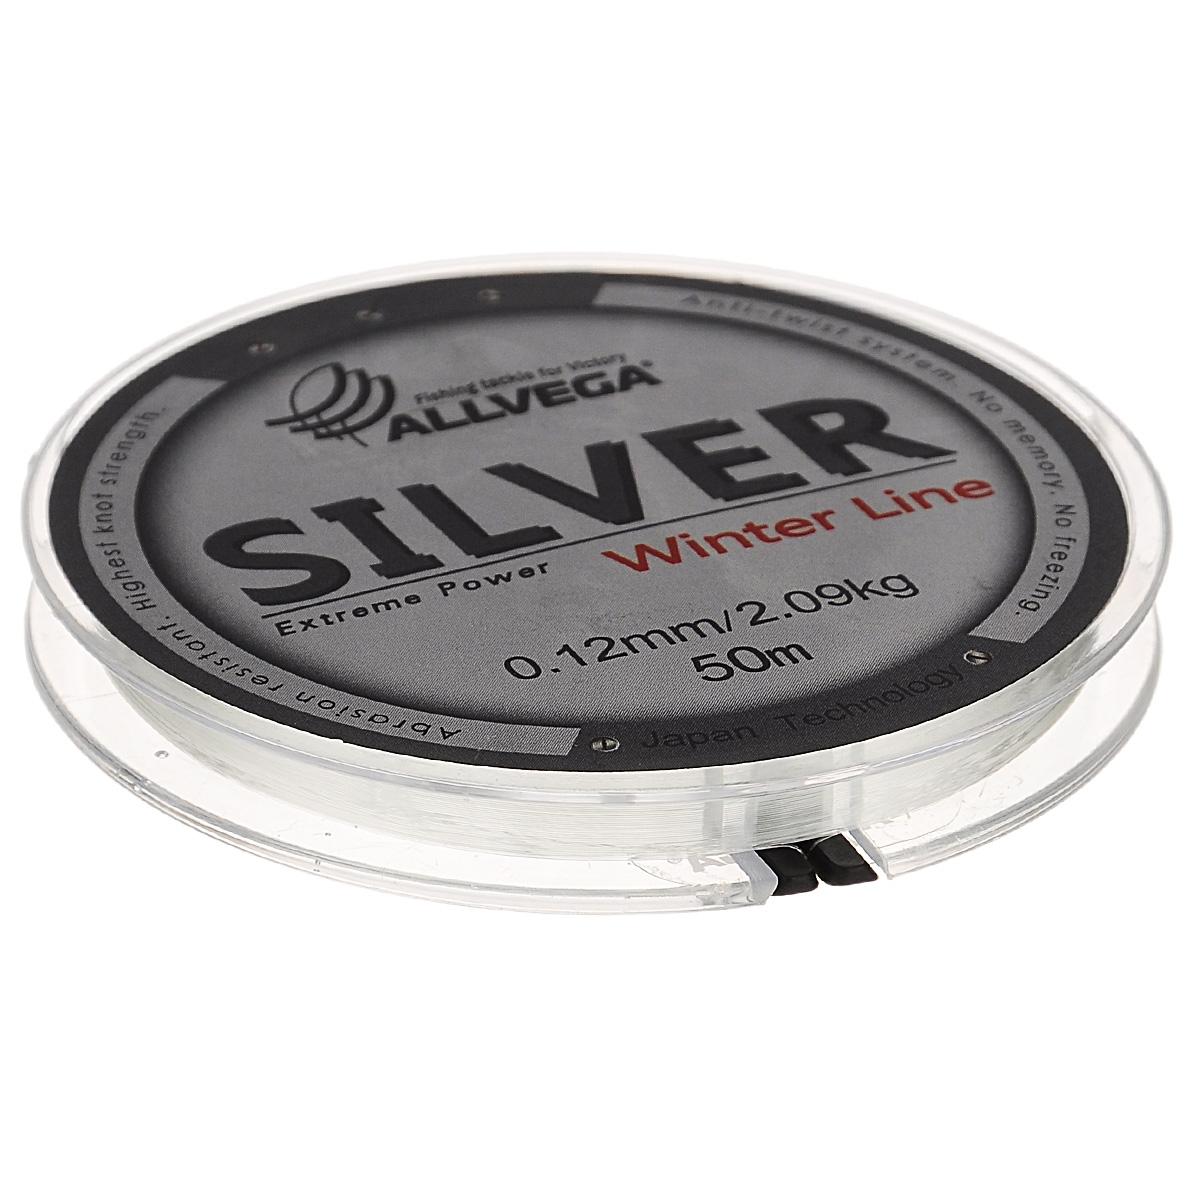 Леска Allvega Silver, цвет: серебристый, 50 м, 0,12 мм, 2,09 кг51527Специальная зимняя леска Allvega Silver предназначена для использования во время низких температур. Имеет светло-серый, серебристый оттенок. Высокопрочная. Отсутствие механической памяти позволяет с успехом использовать ее для ловли на мормышку.